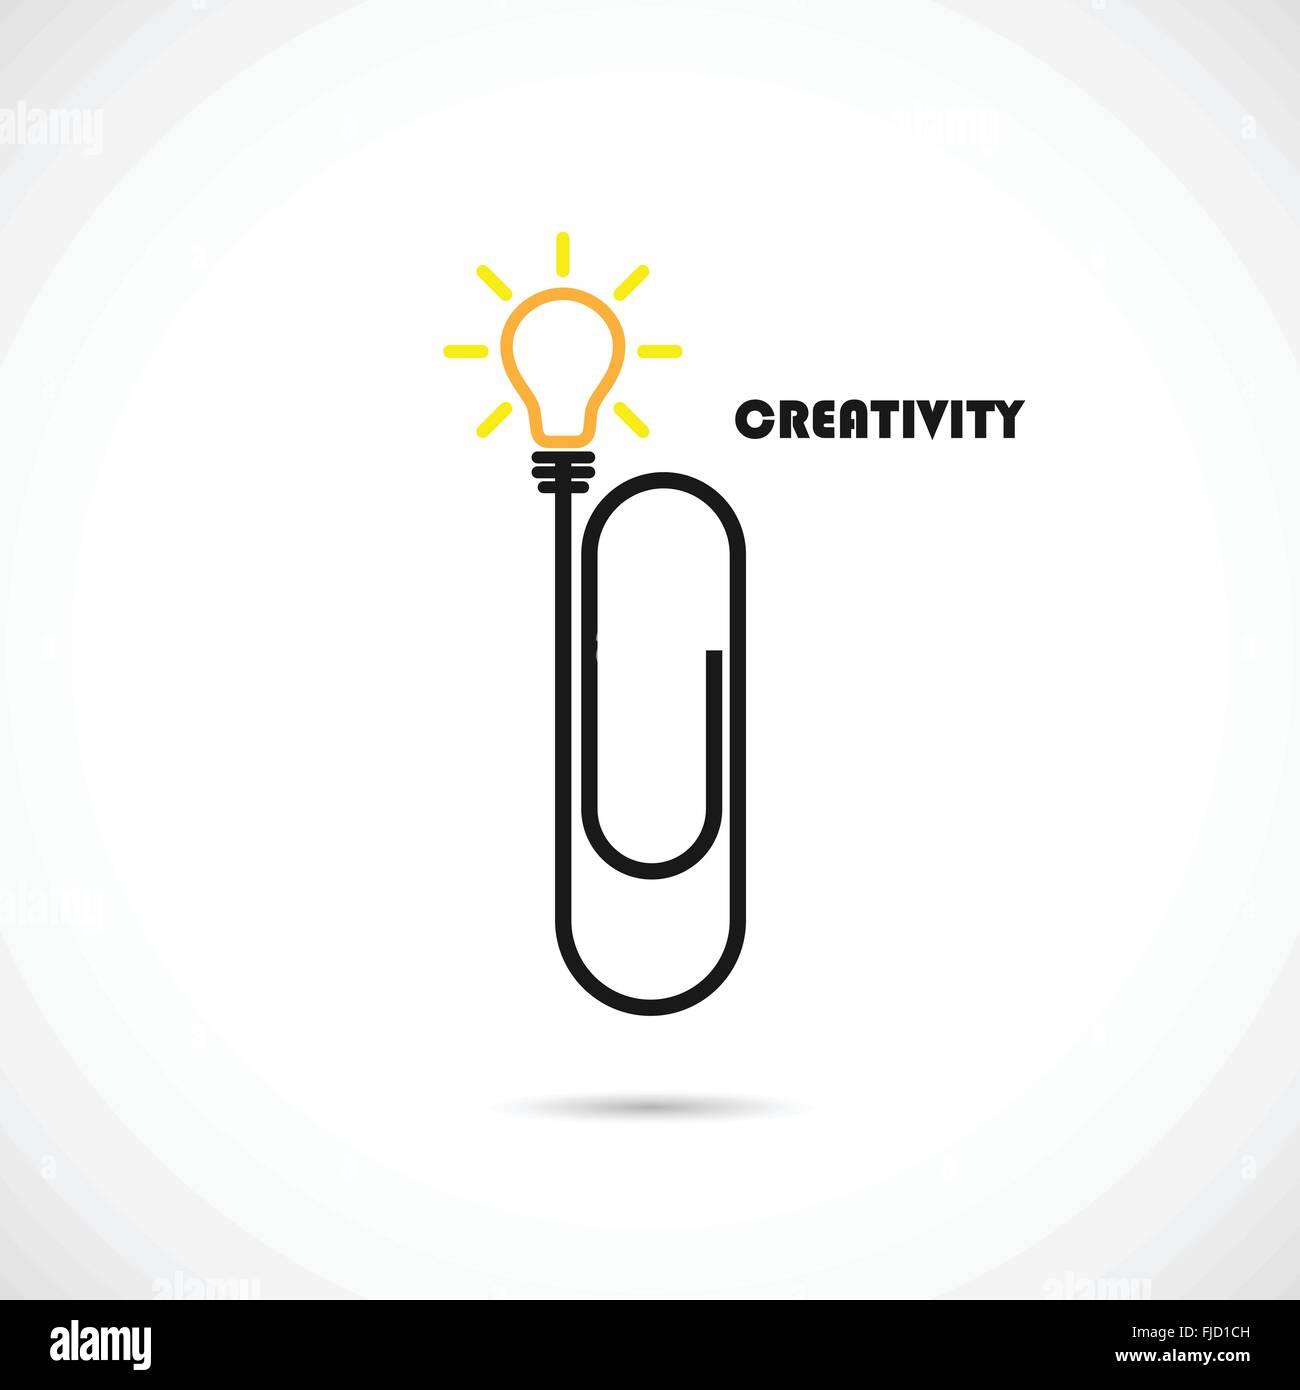 cool light logo